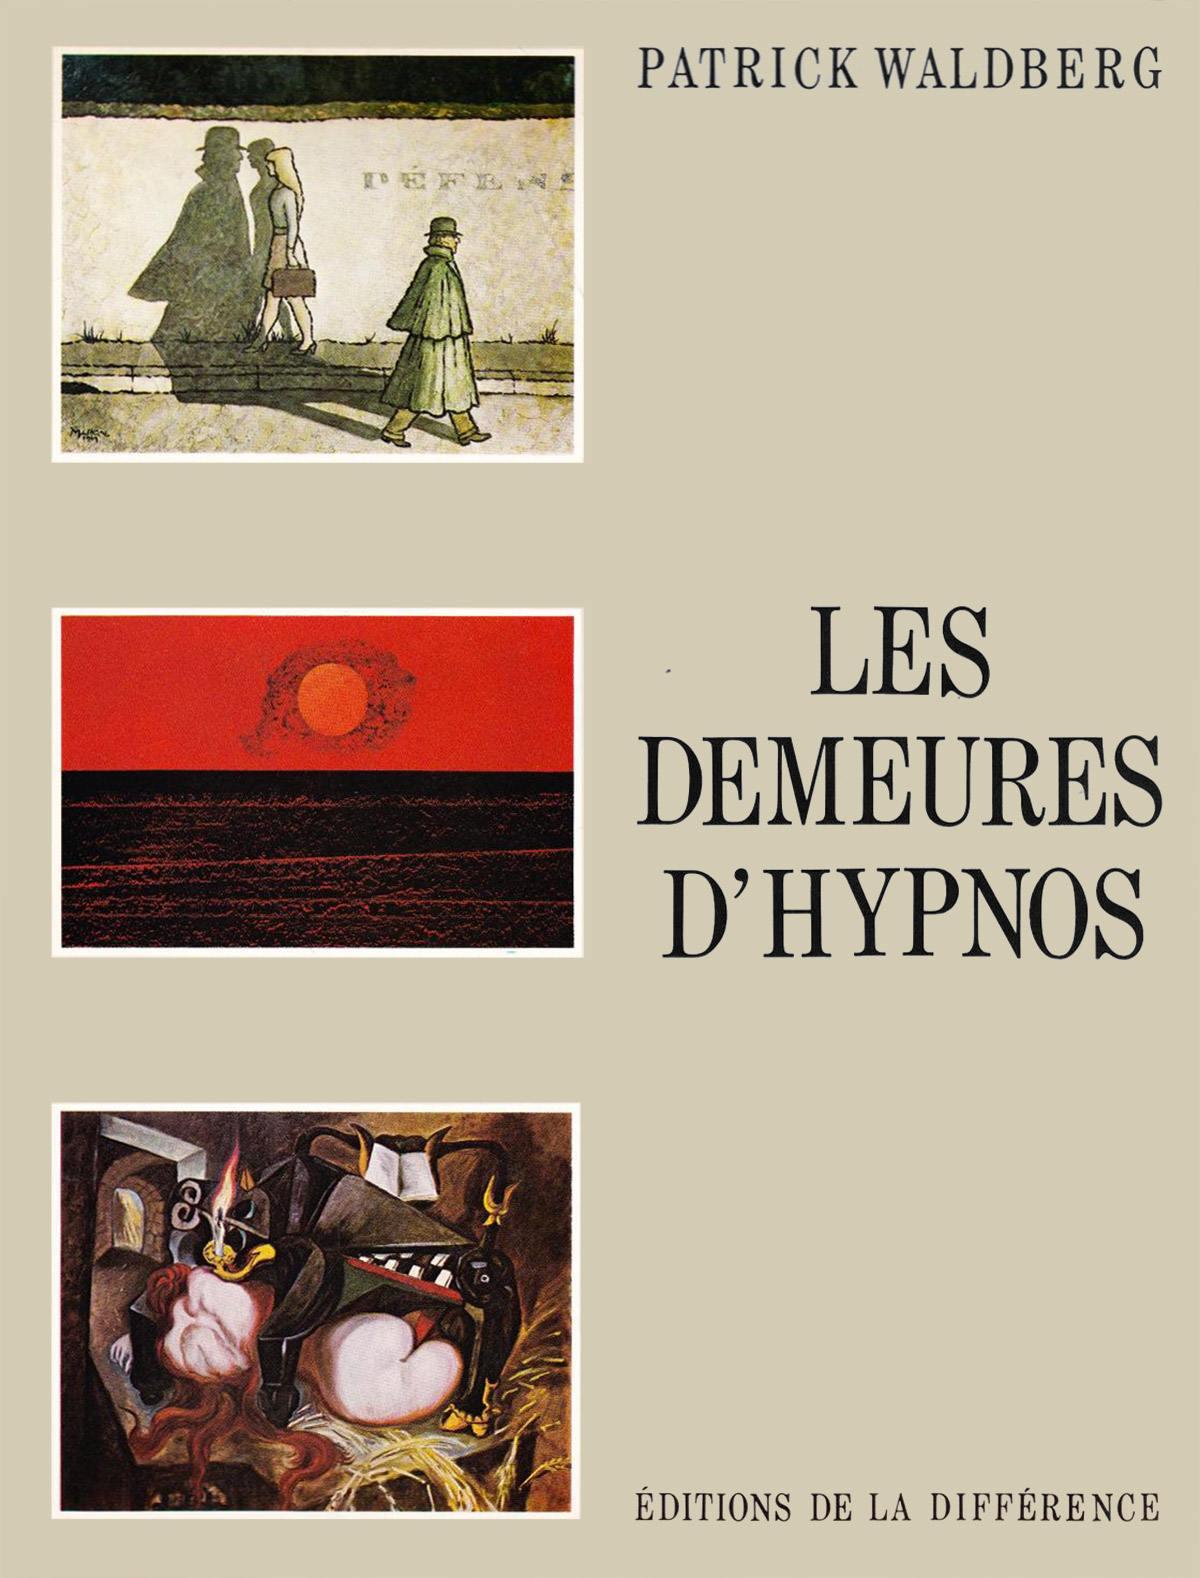 Archives Le Yaouanc.